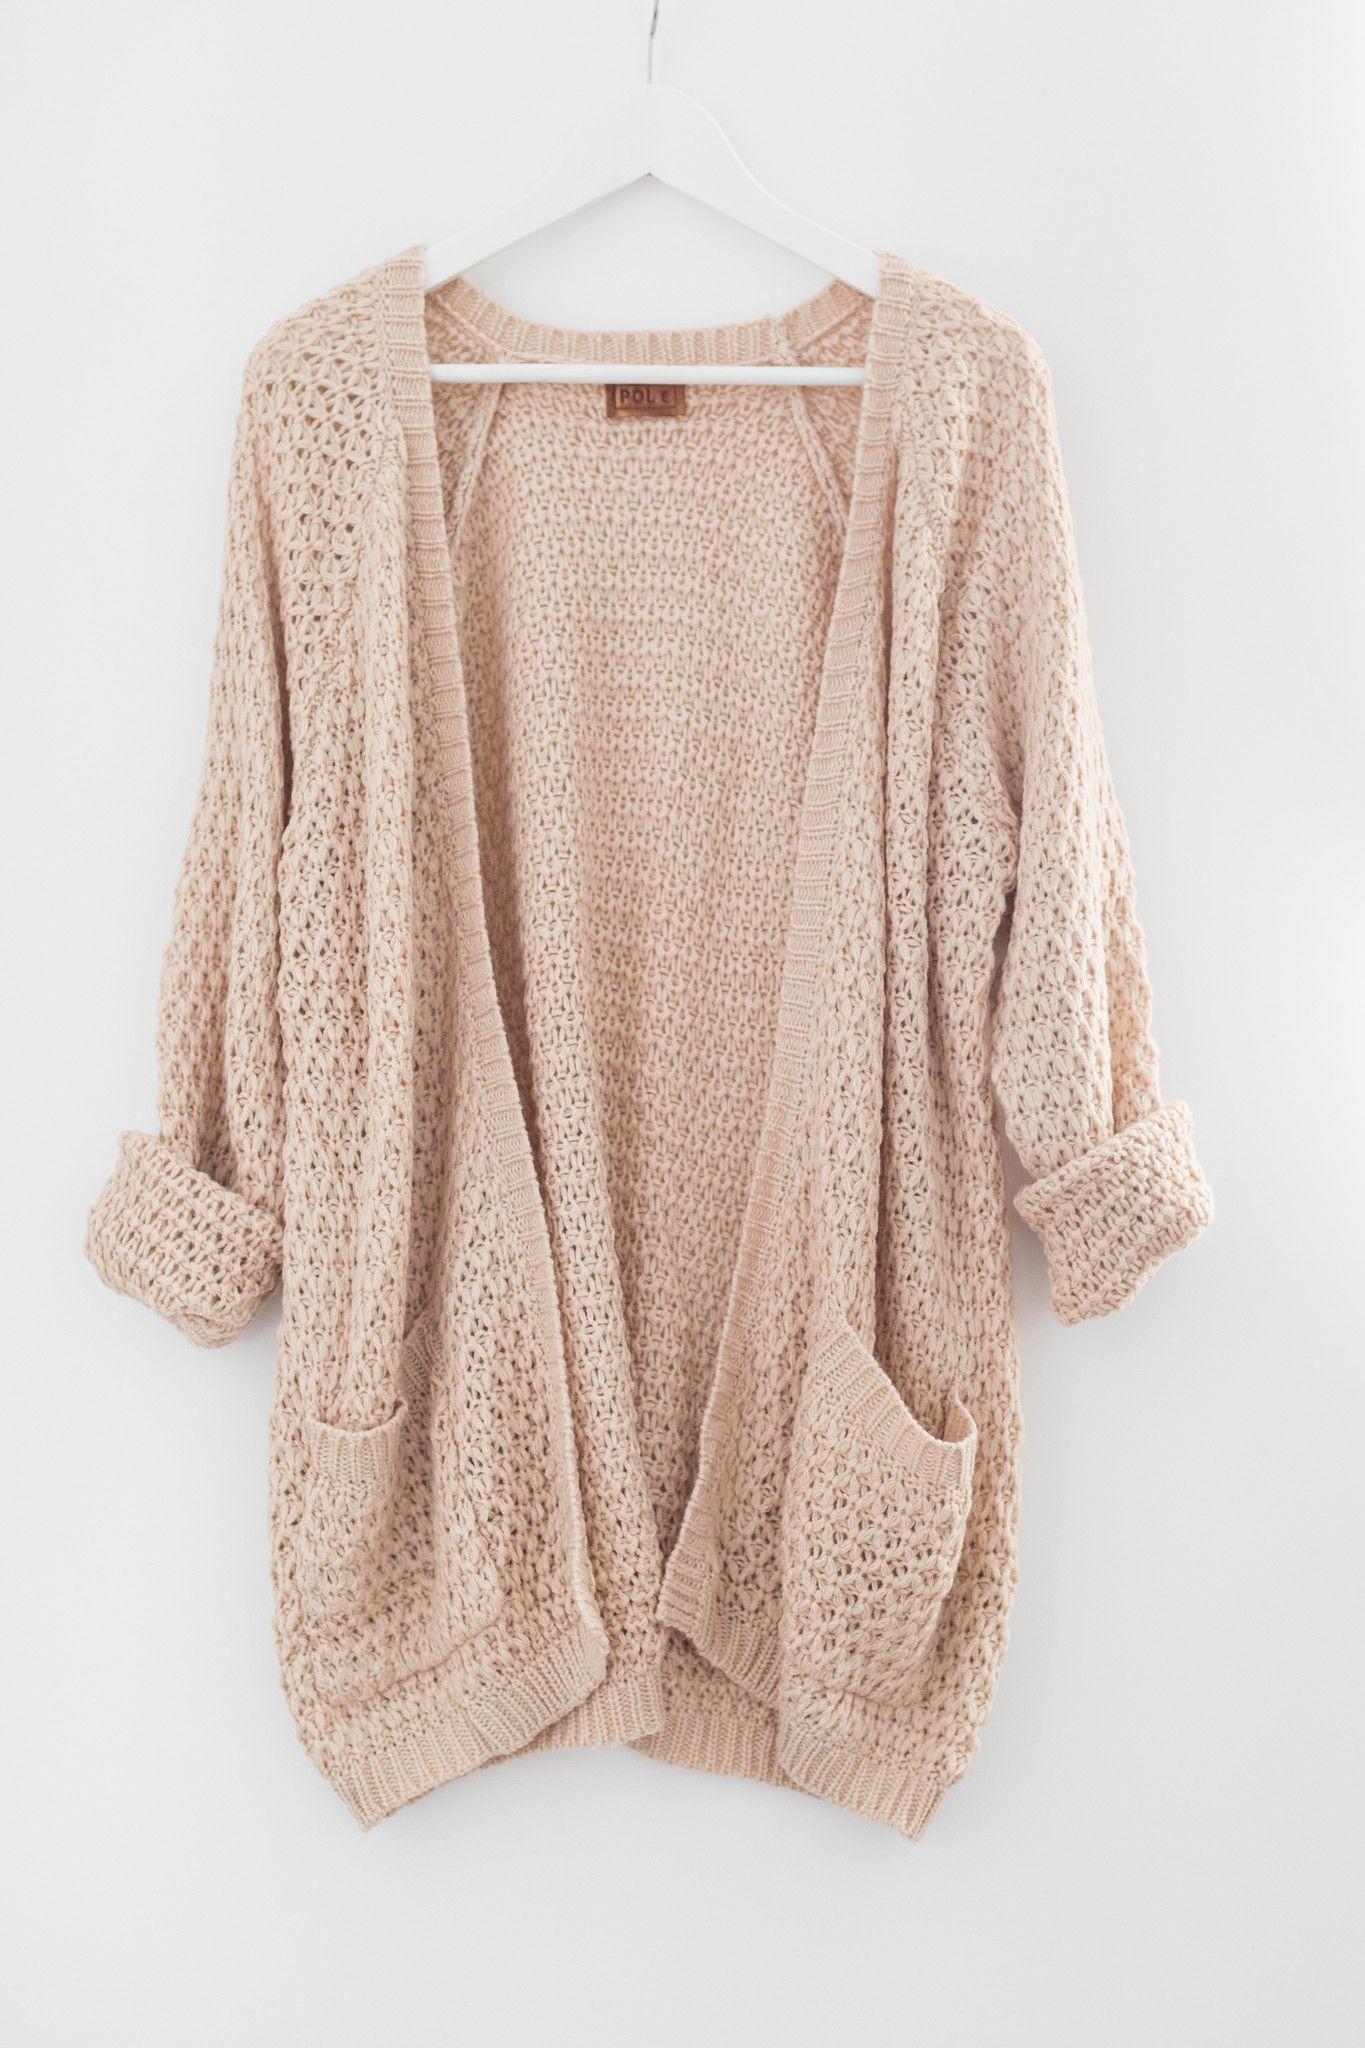 sweater cardigan cardigan. me encanta. es precioso. perfecto para una noche de frio en  verano. DKQZFNV